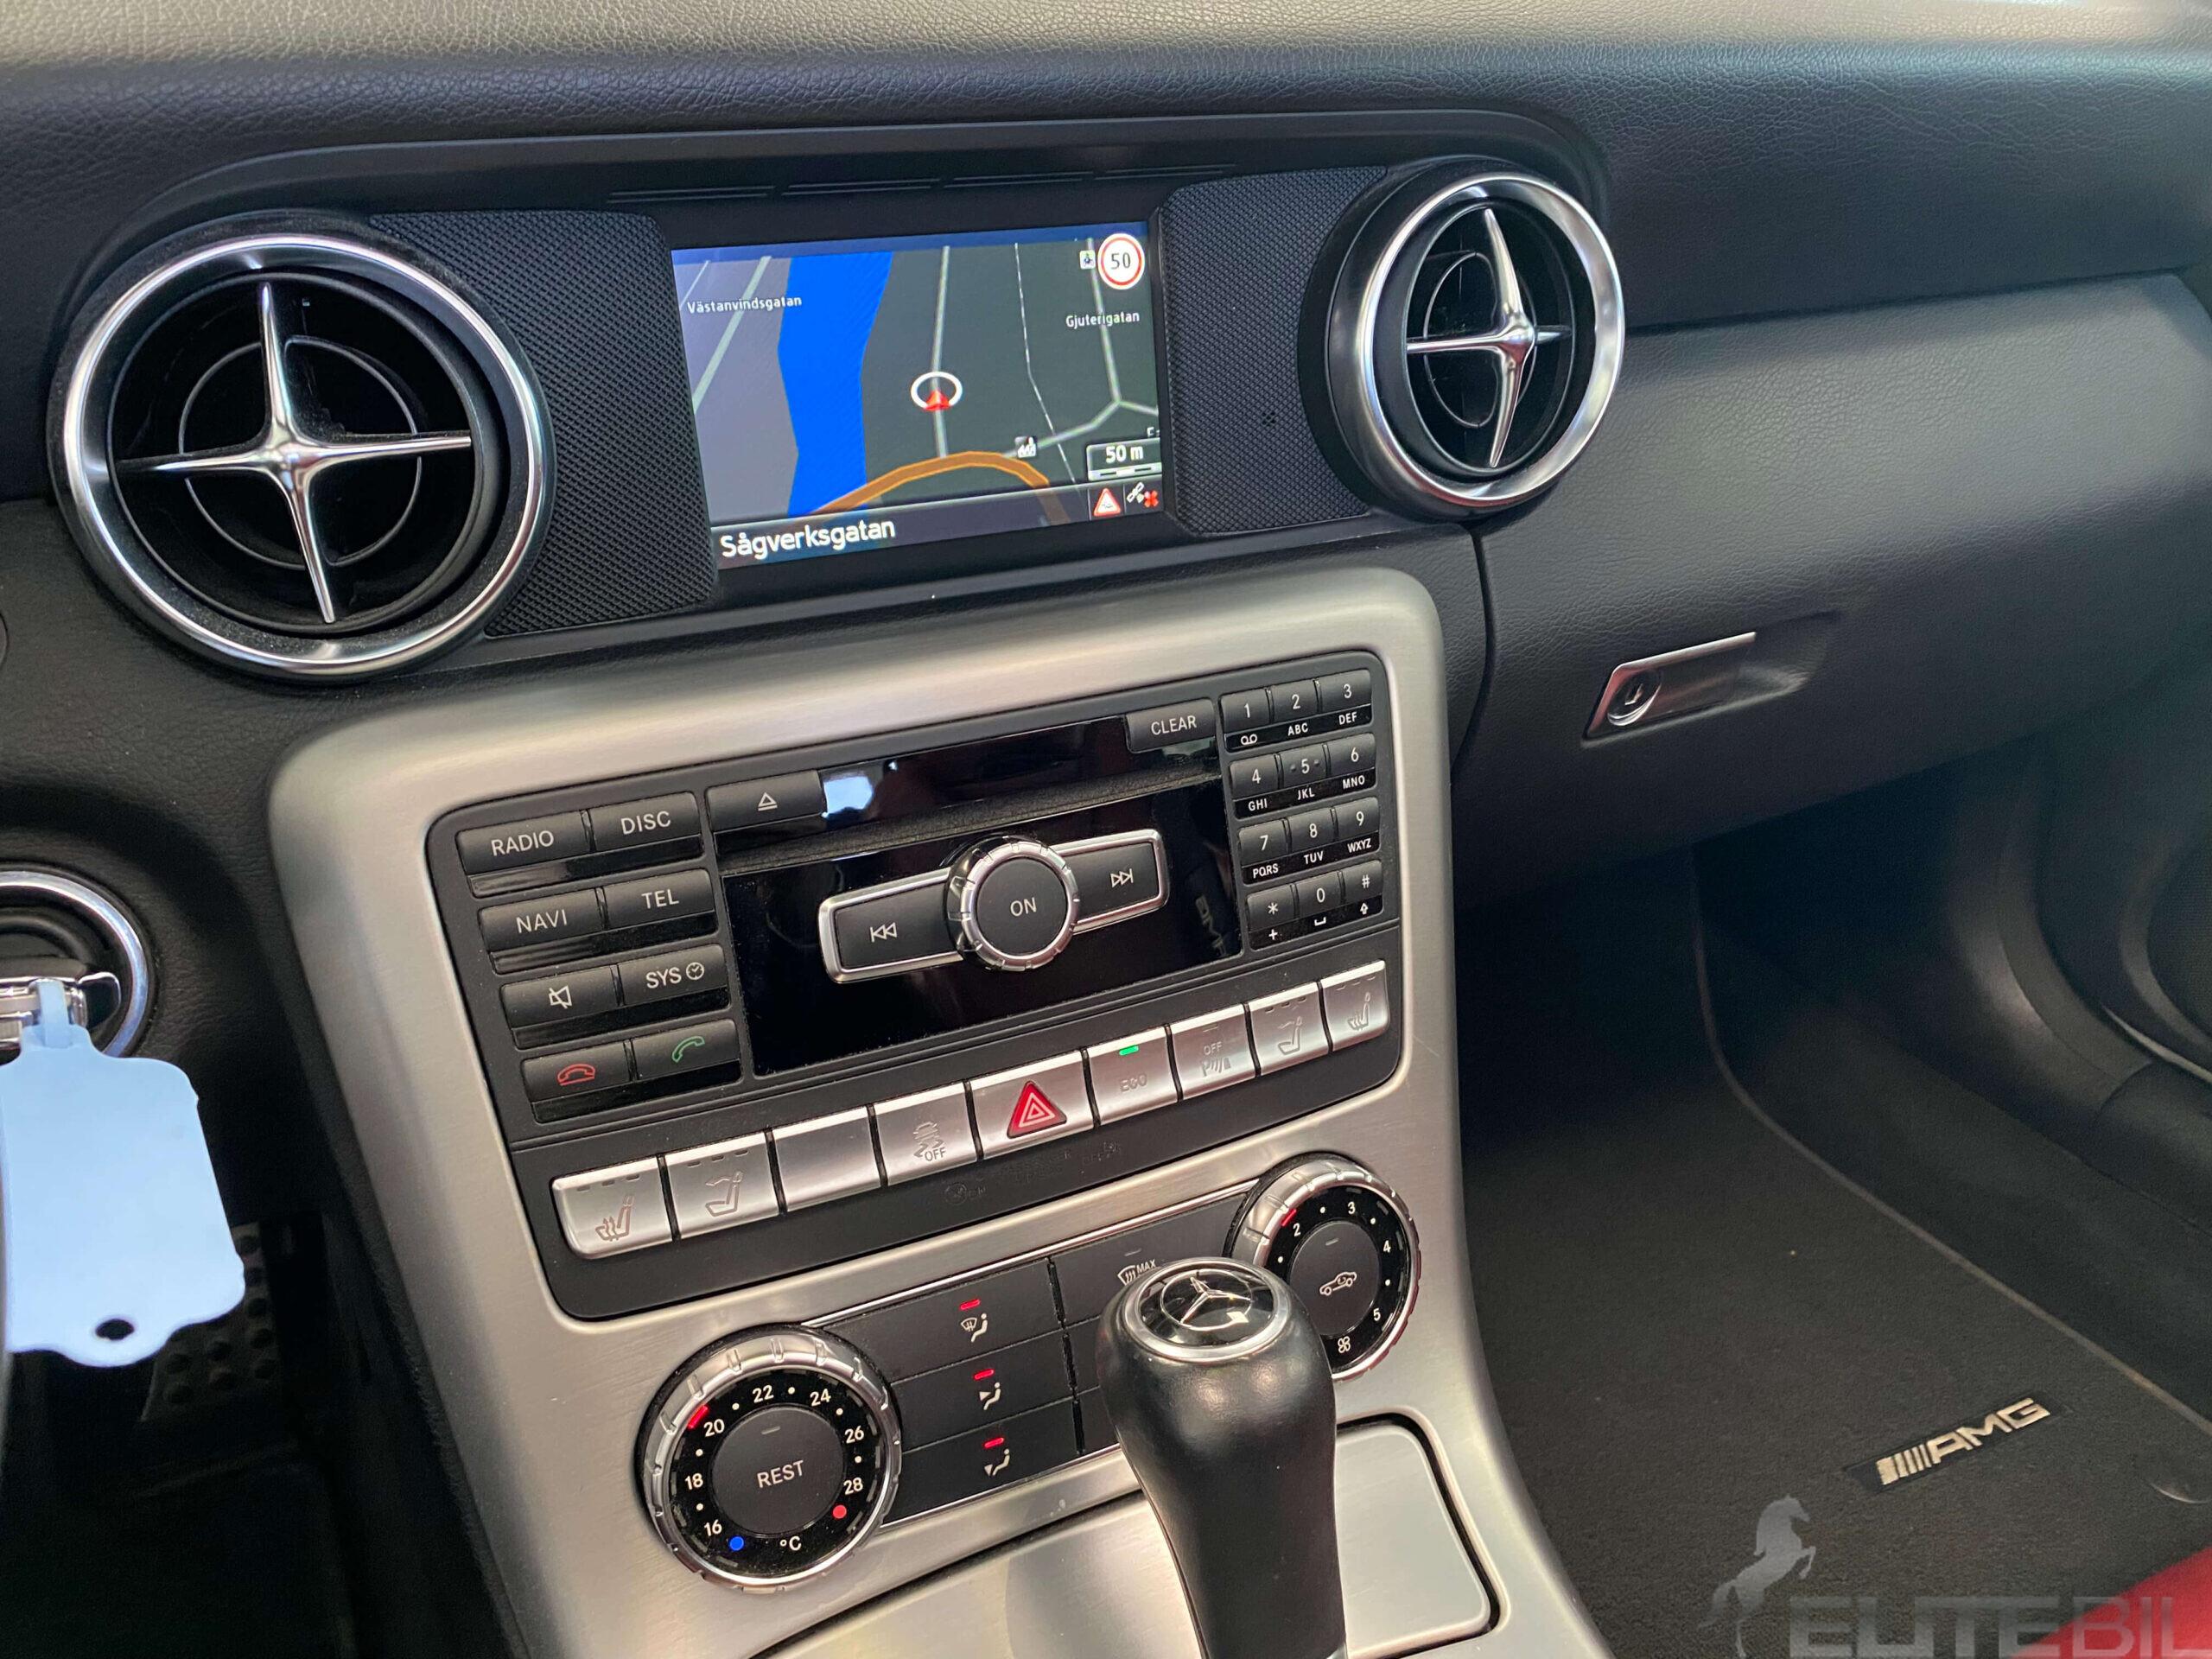 Mercedes-Benz SLK 200 AMG Sport 184hk Sv.Såld BlueEFFICIENC (15)